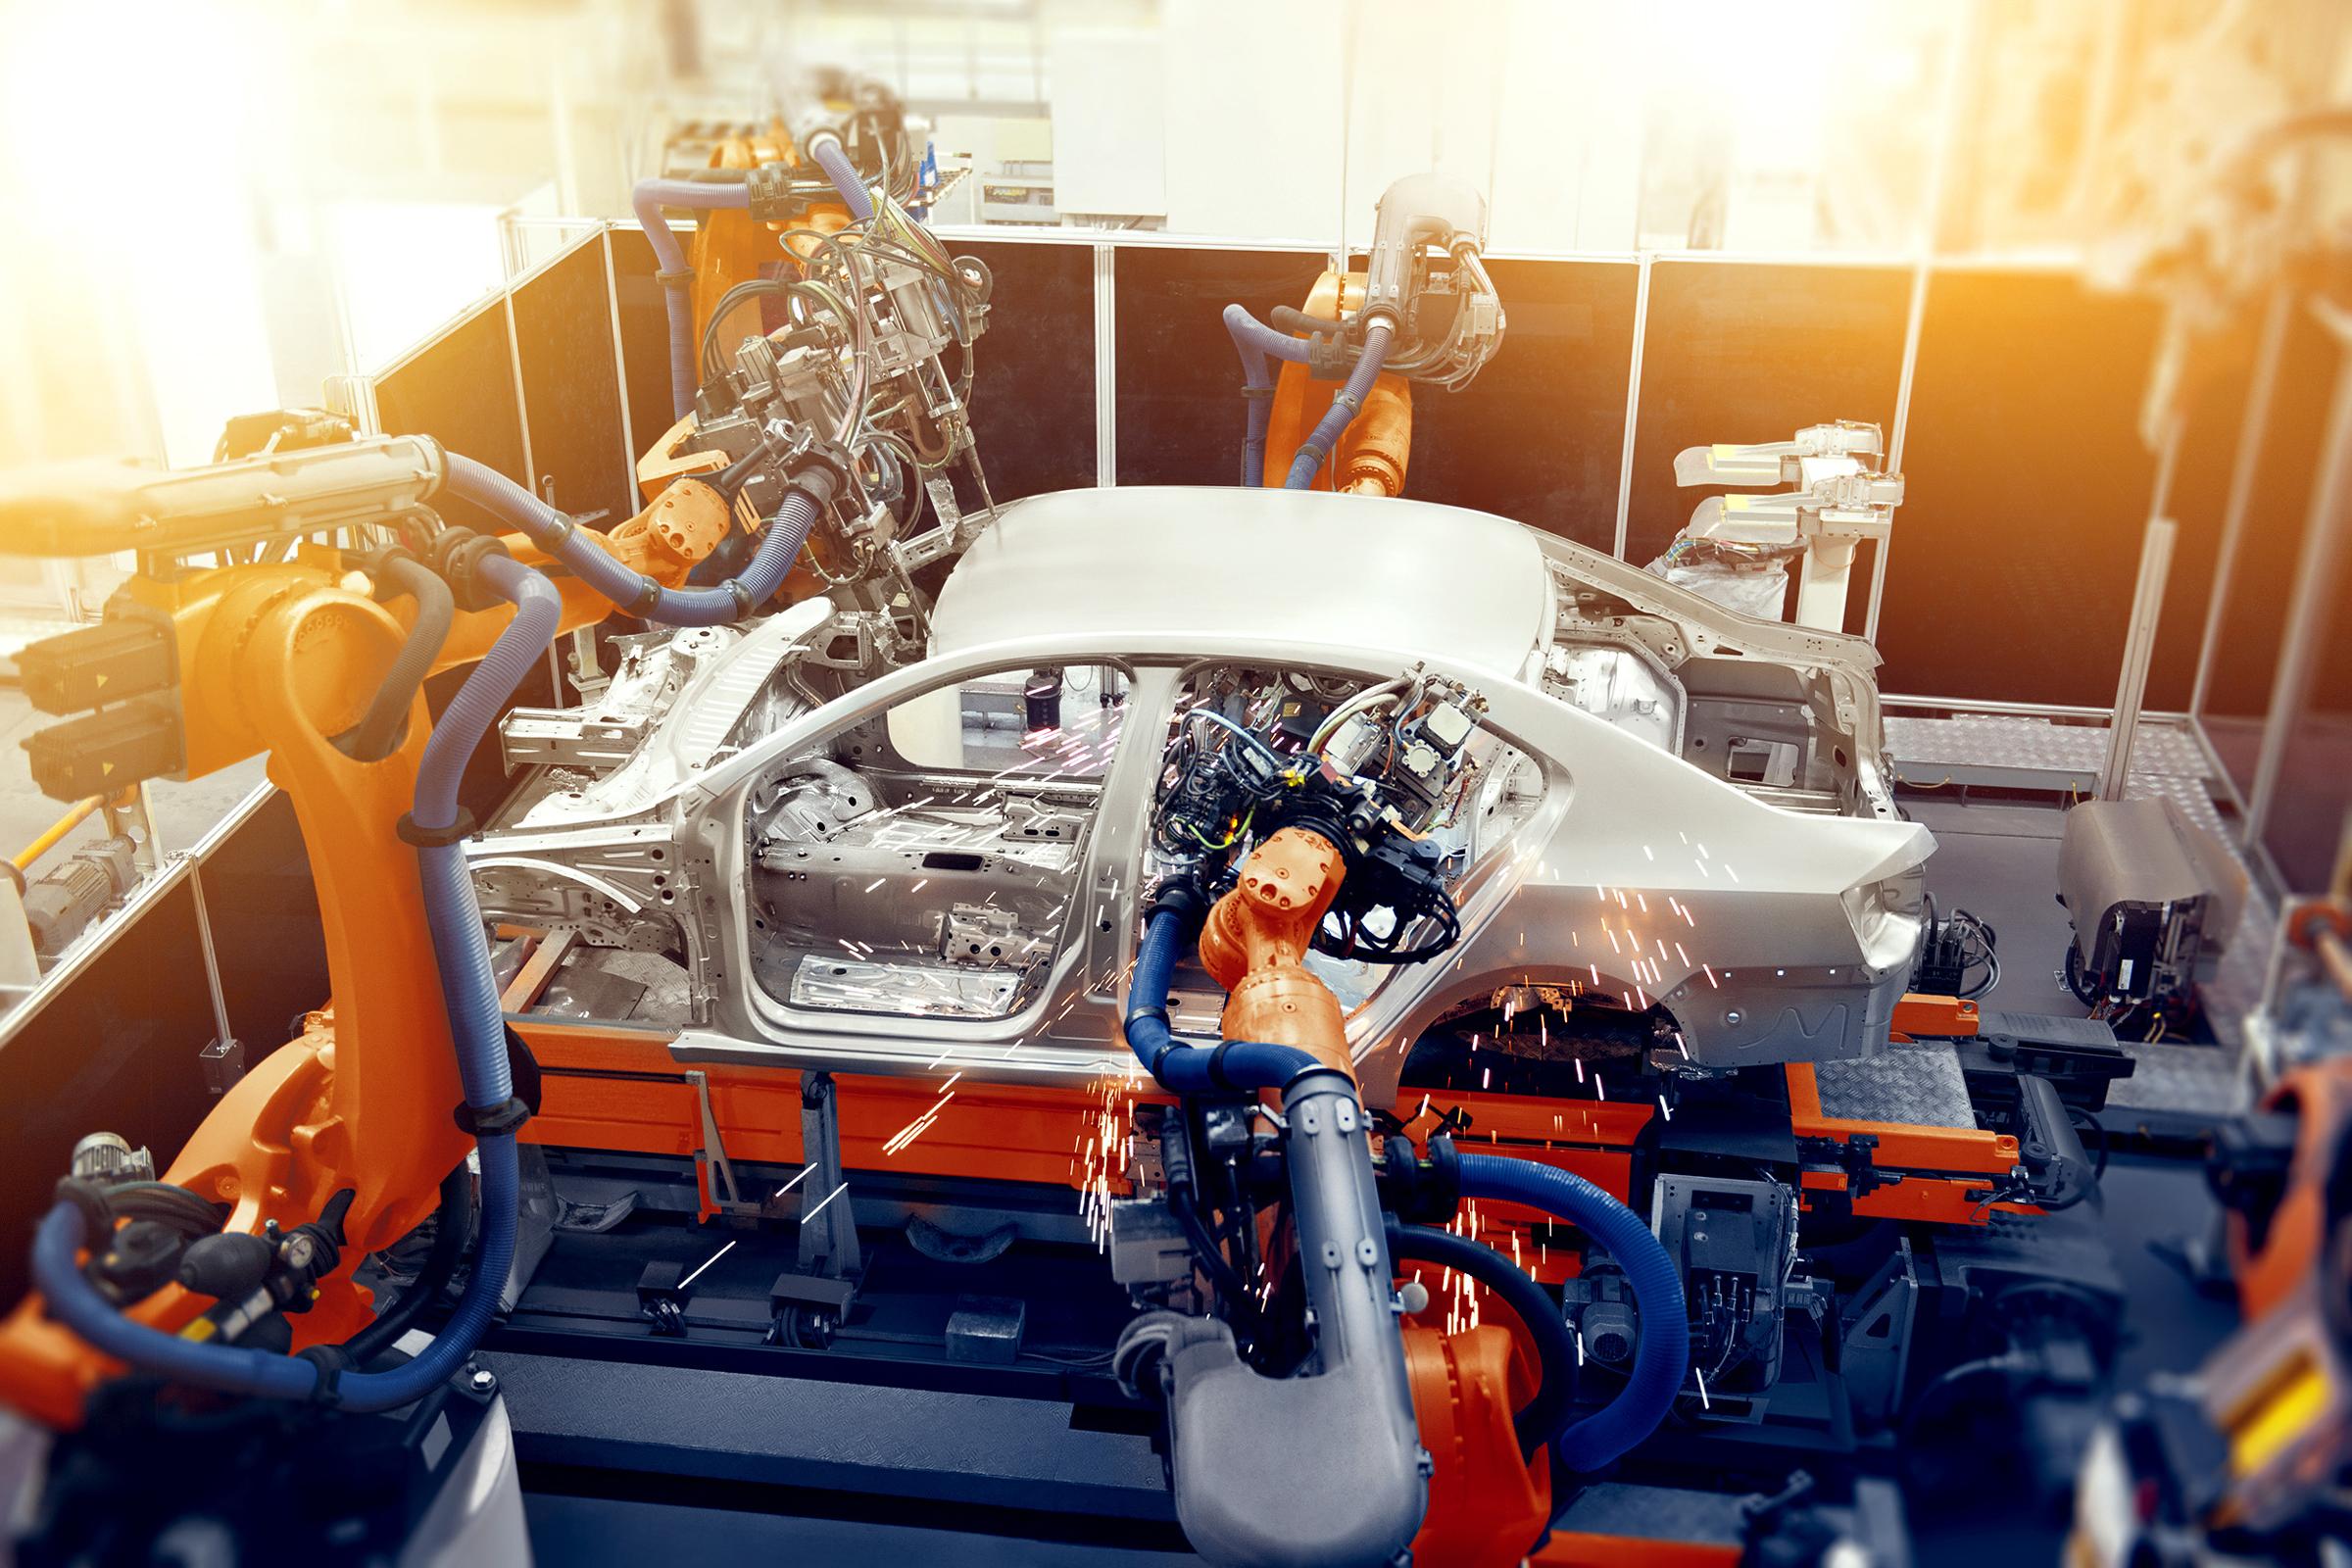 Löschanlage für Brandschutz in der Autoproduktion